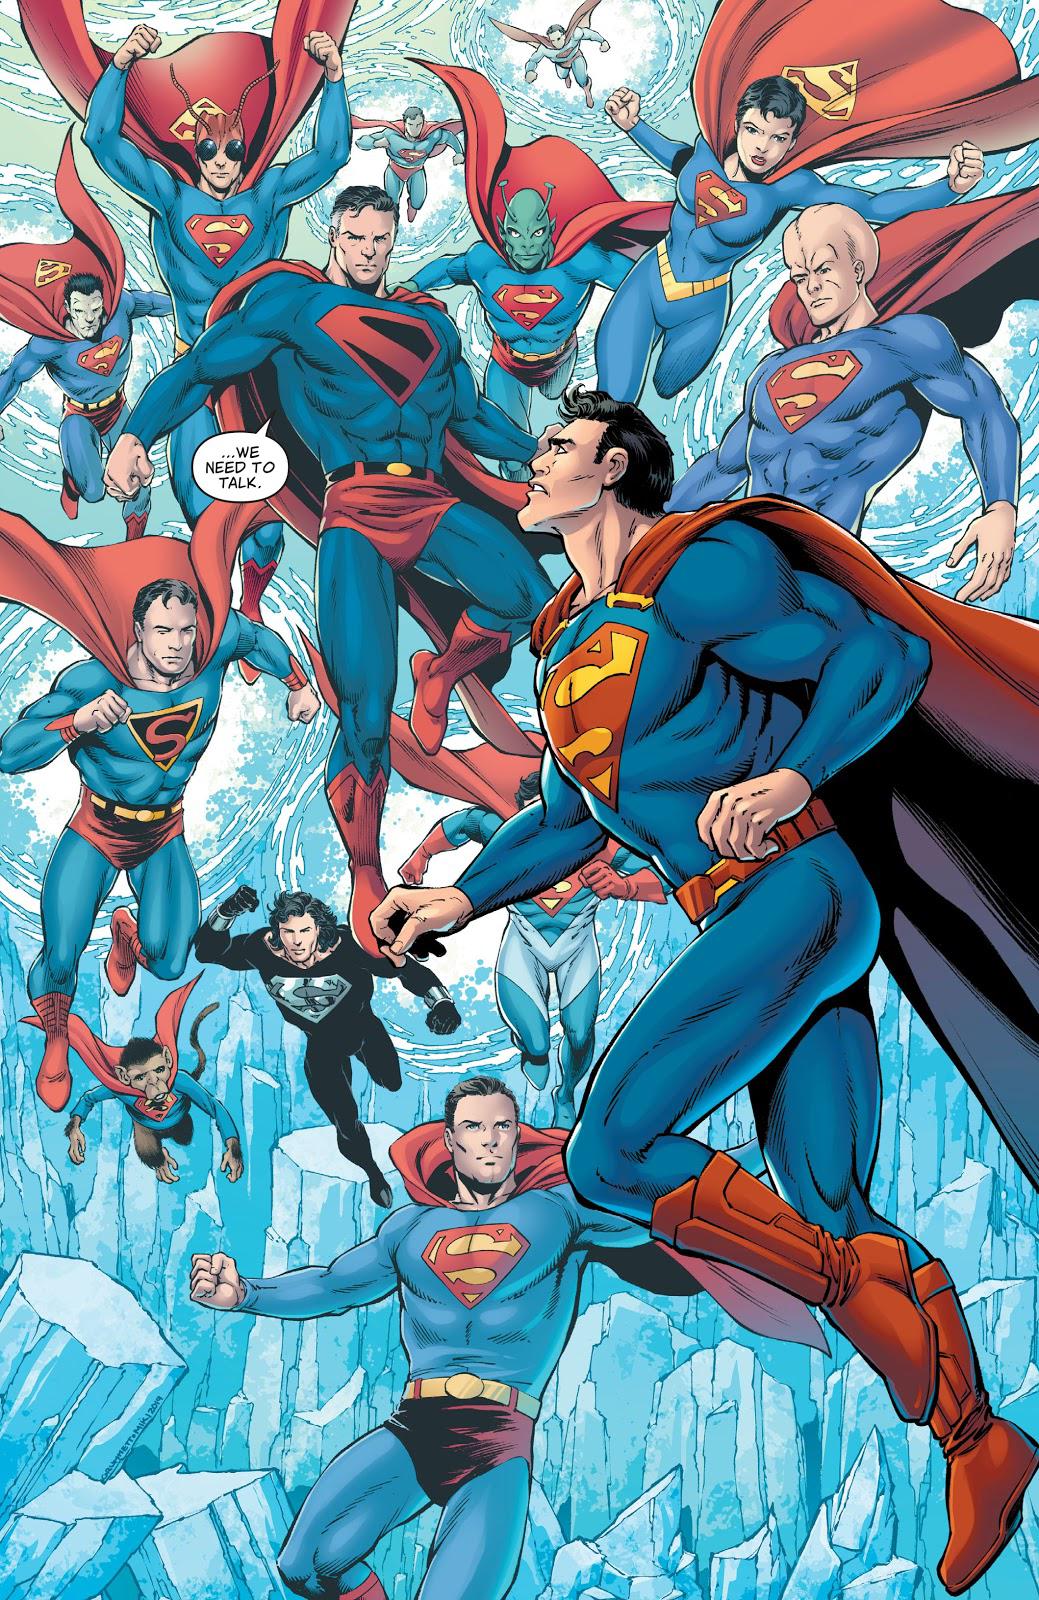 Council of Supermen